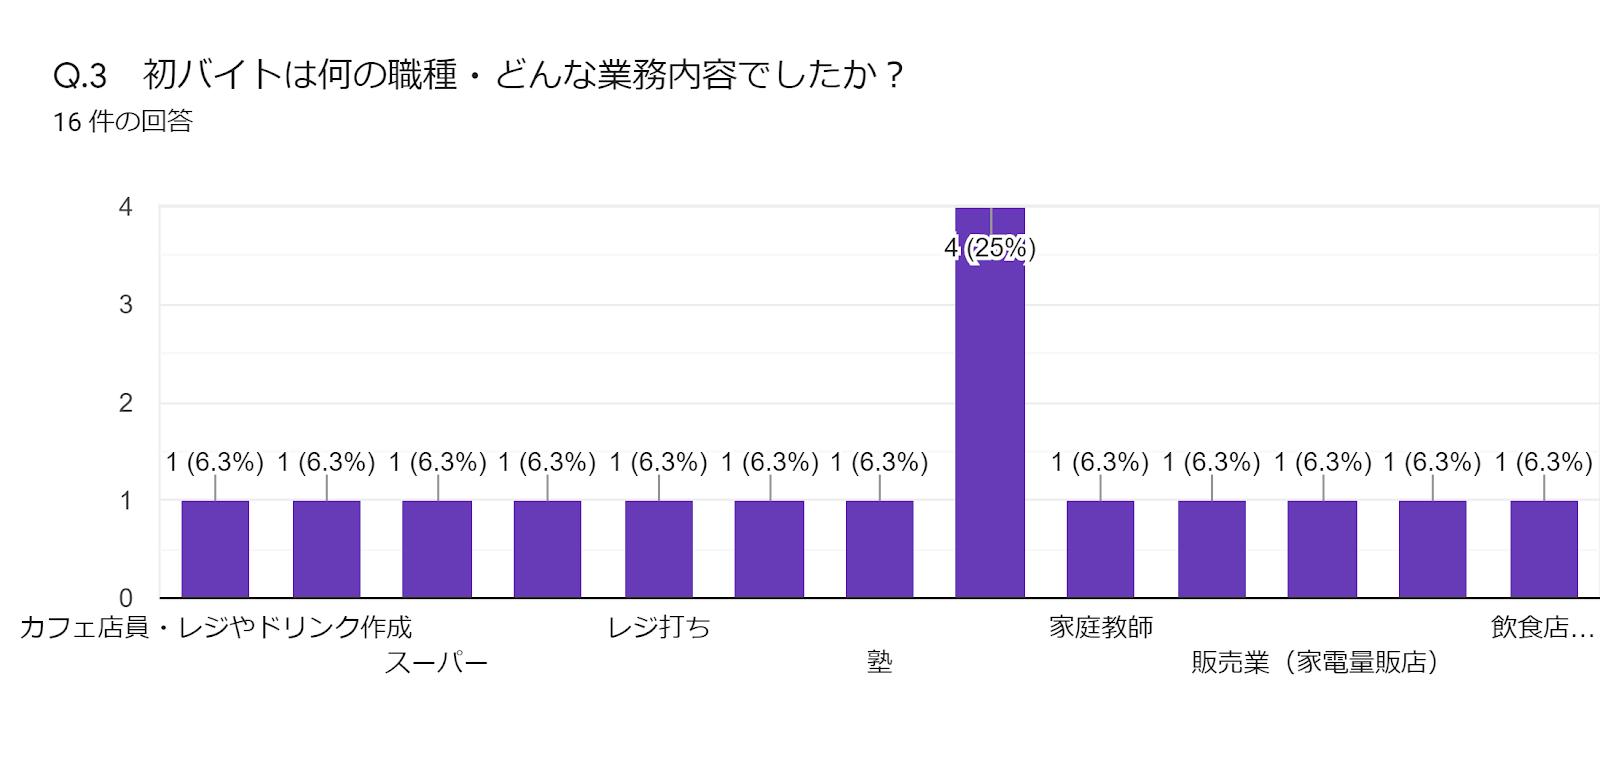 フォームの回答のグラフ。質問のタイトル: Q.3 初バイトは何の職種・どんな業務内容でしたか?。回答数: 16 件の回答。